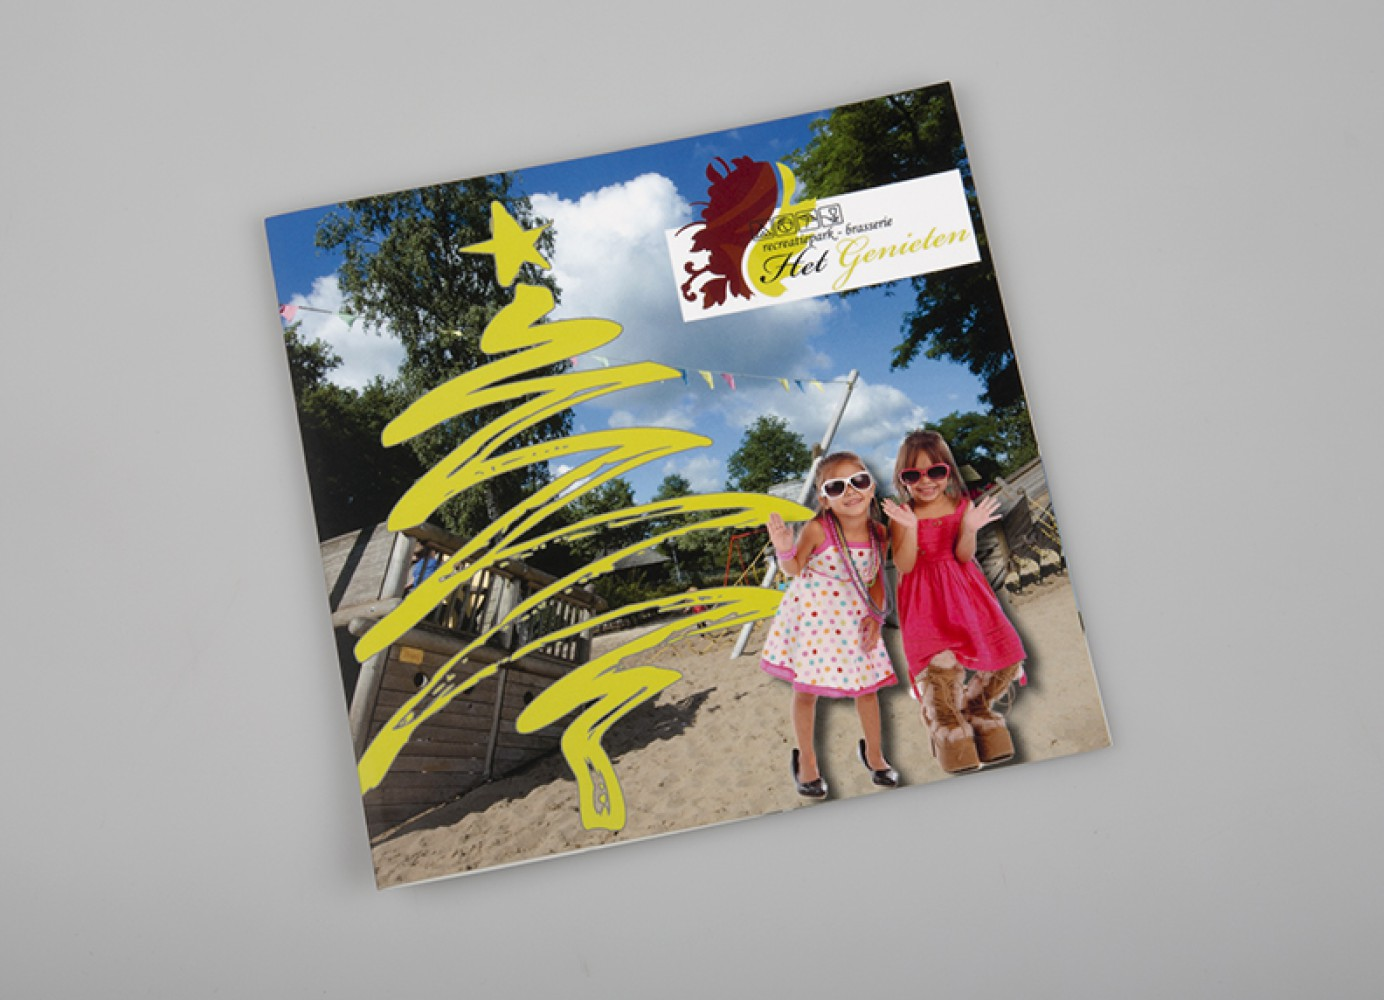 De brochure werd naar gasten verstuurd met een kerstkaart in dezelfde stijl als de brochure.